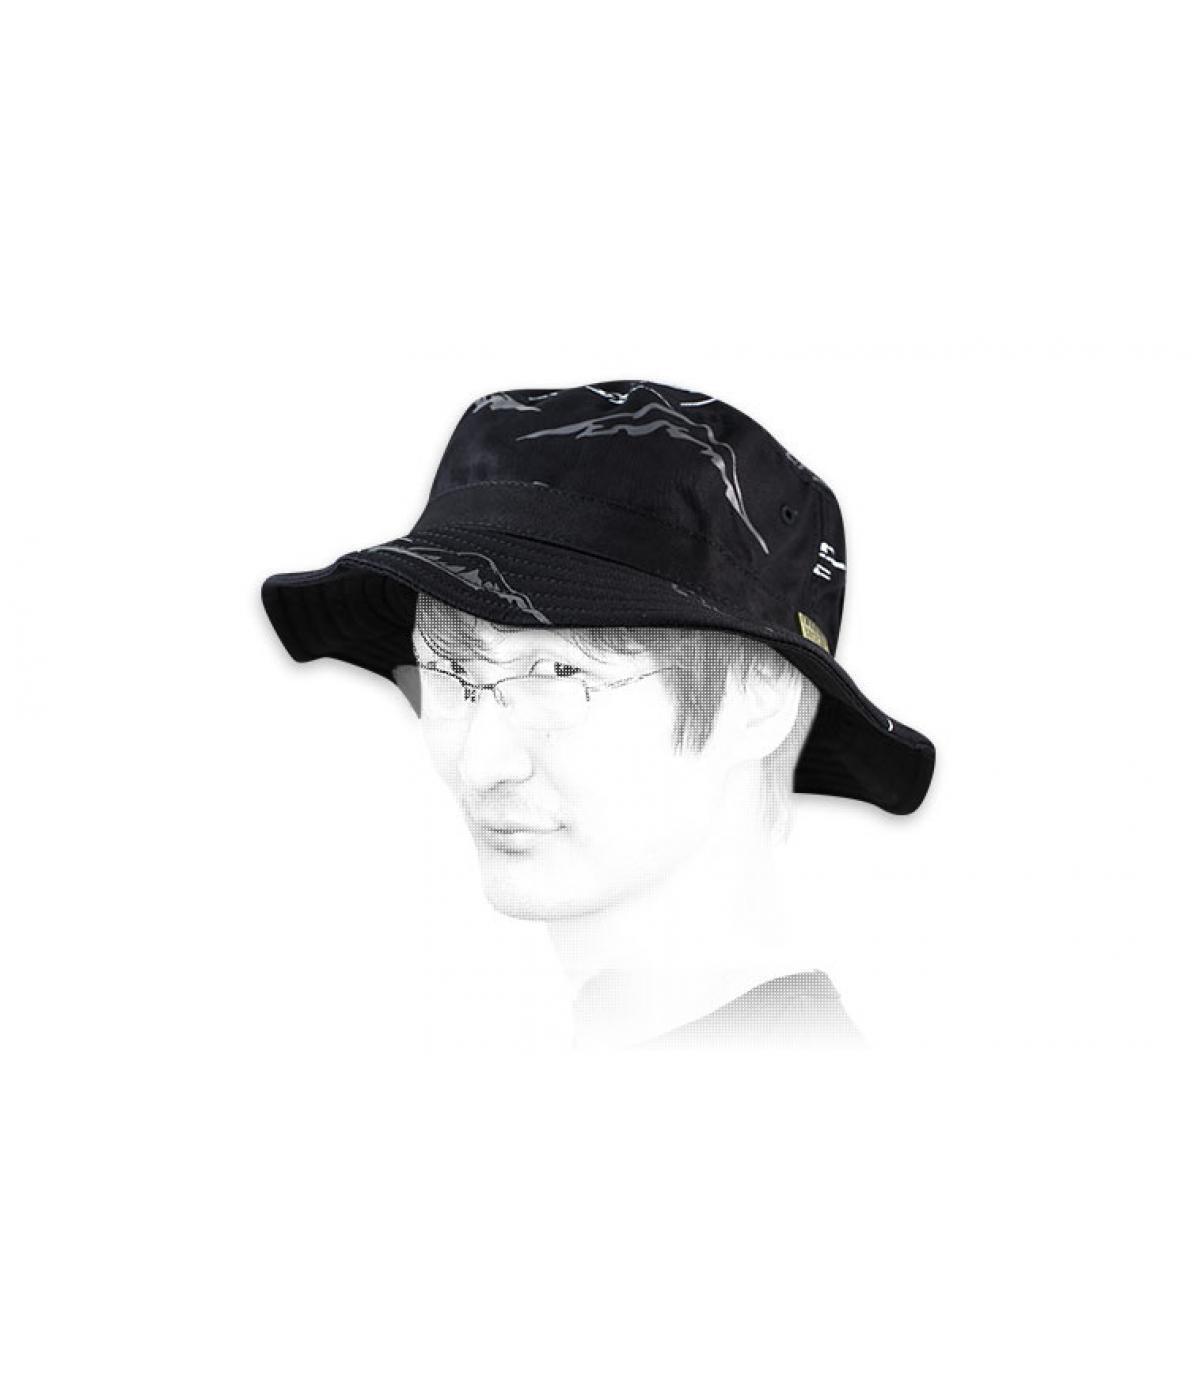 rocksmith schwarz Fischerhut